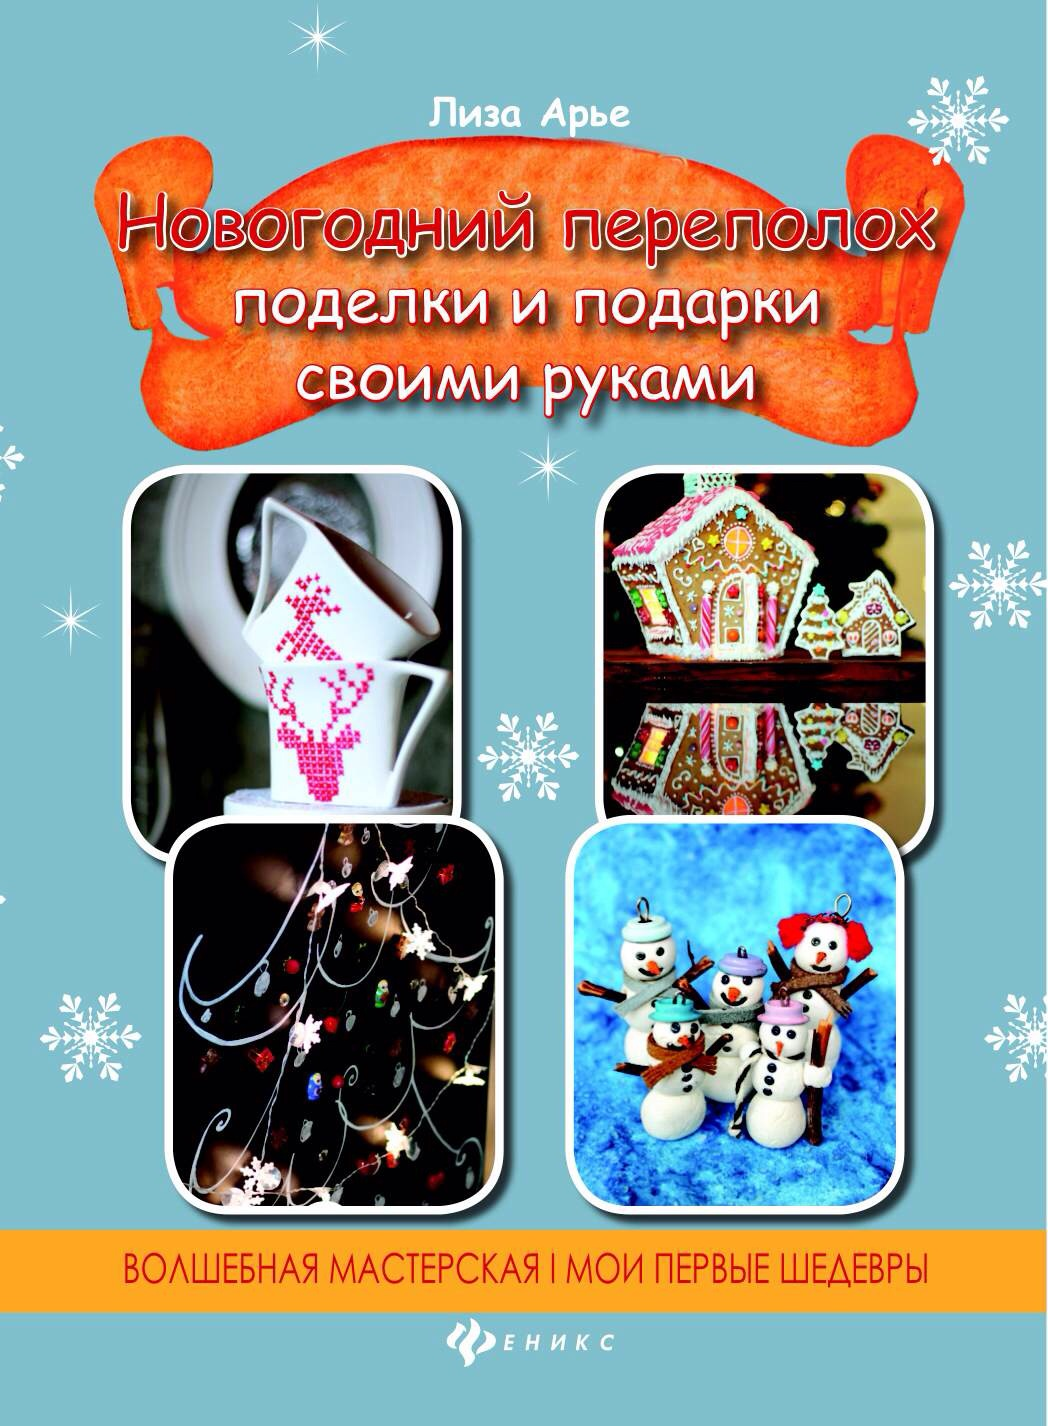 новогодний переполох смотреть: